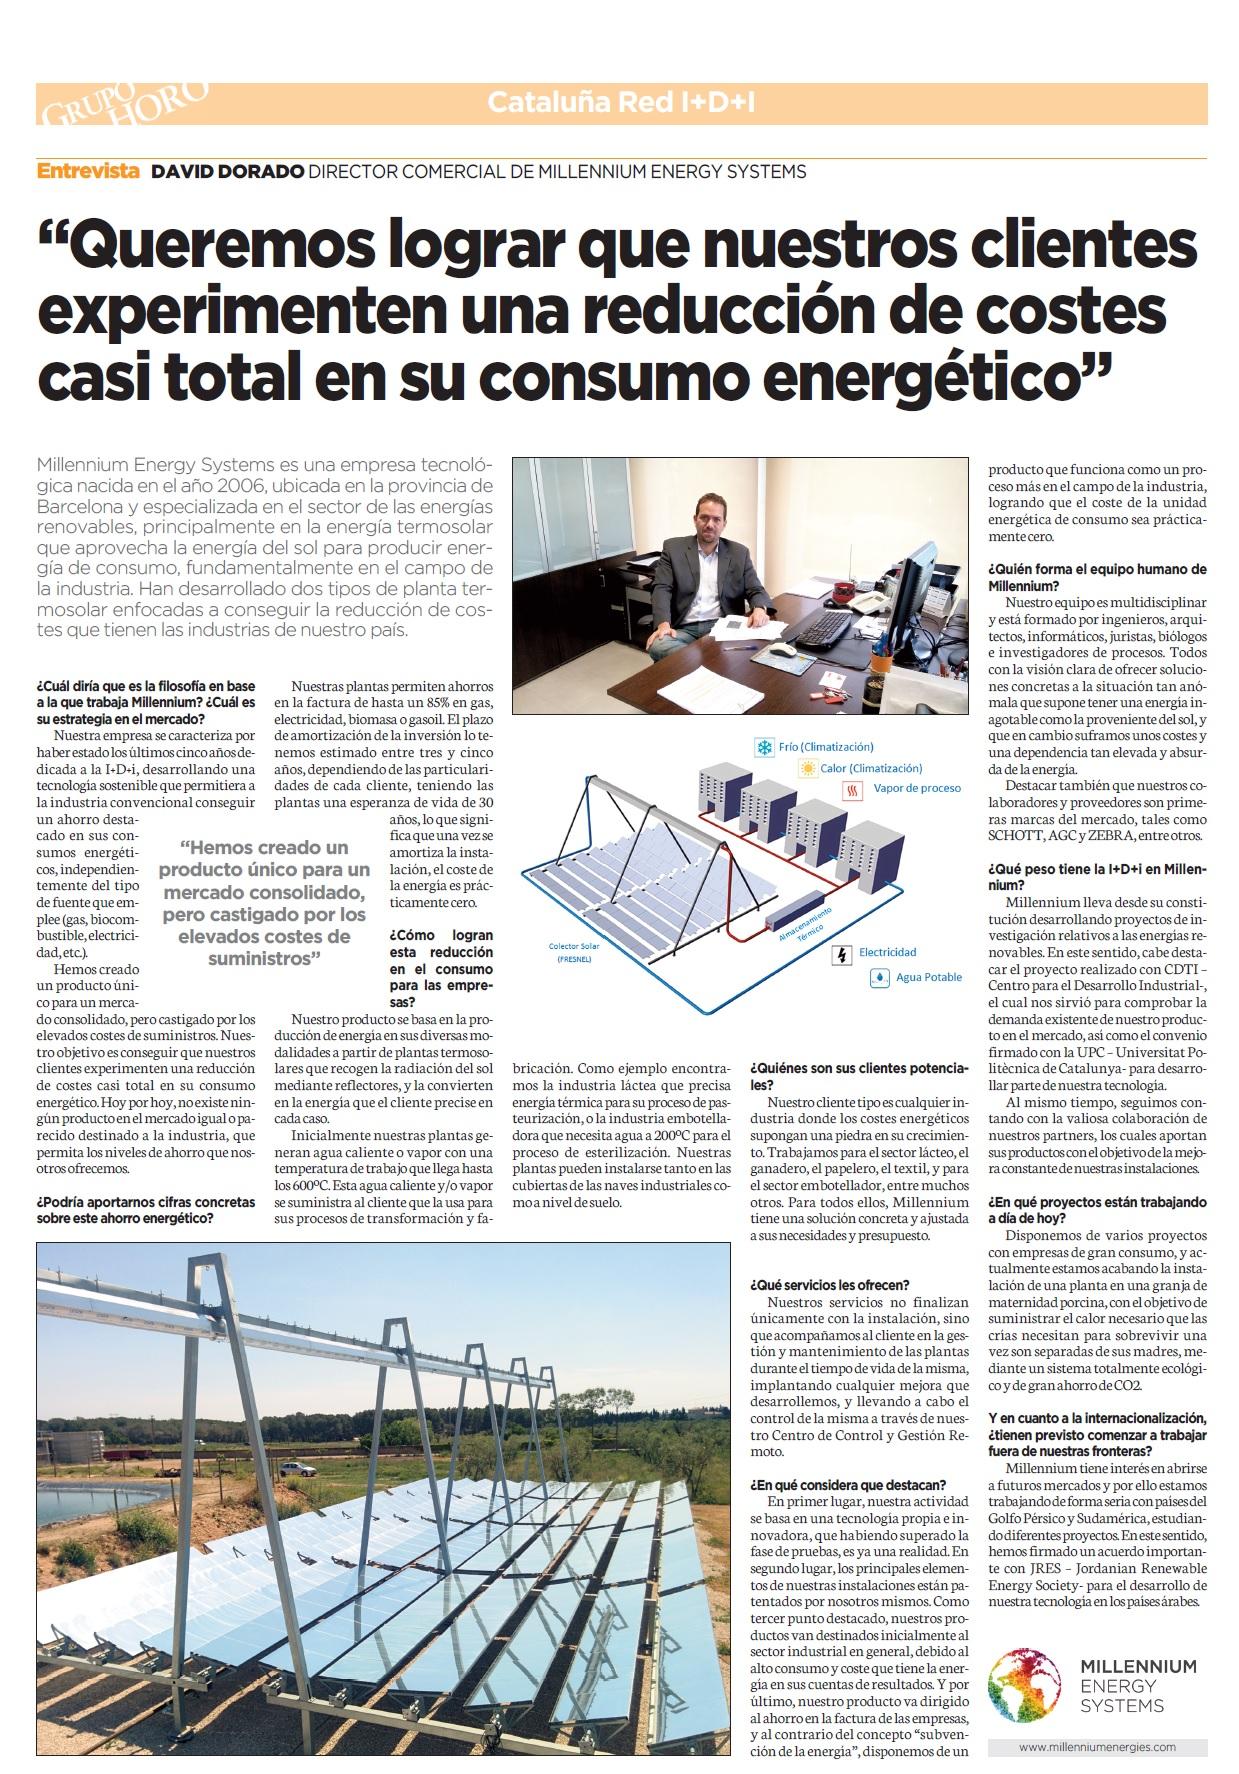 Articulo_Vanguardia